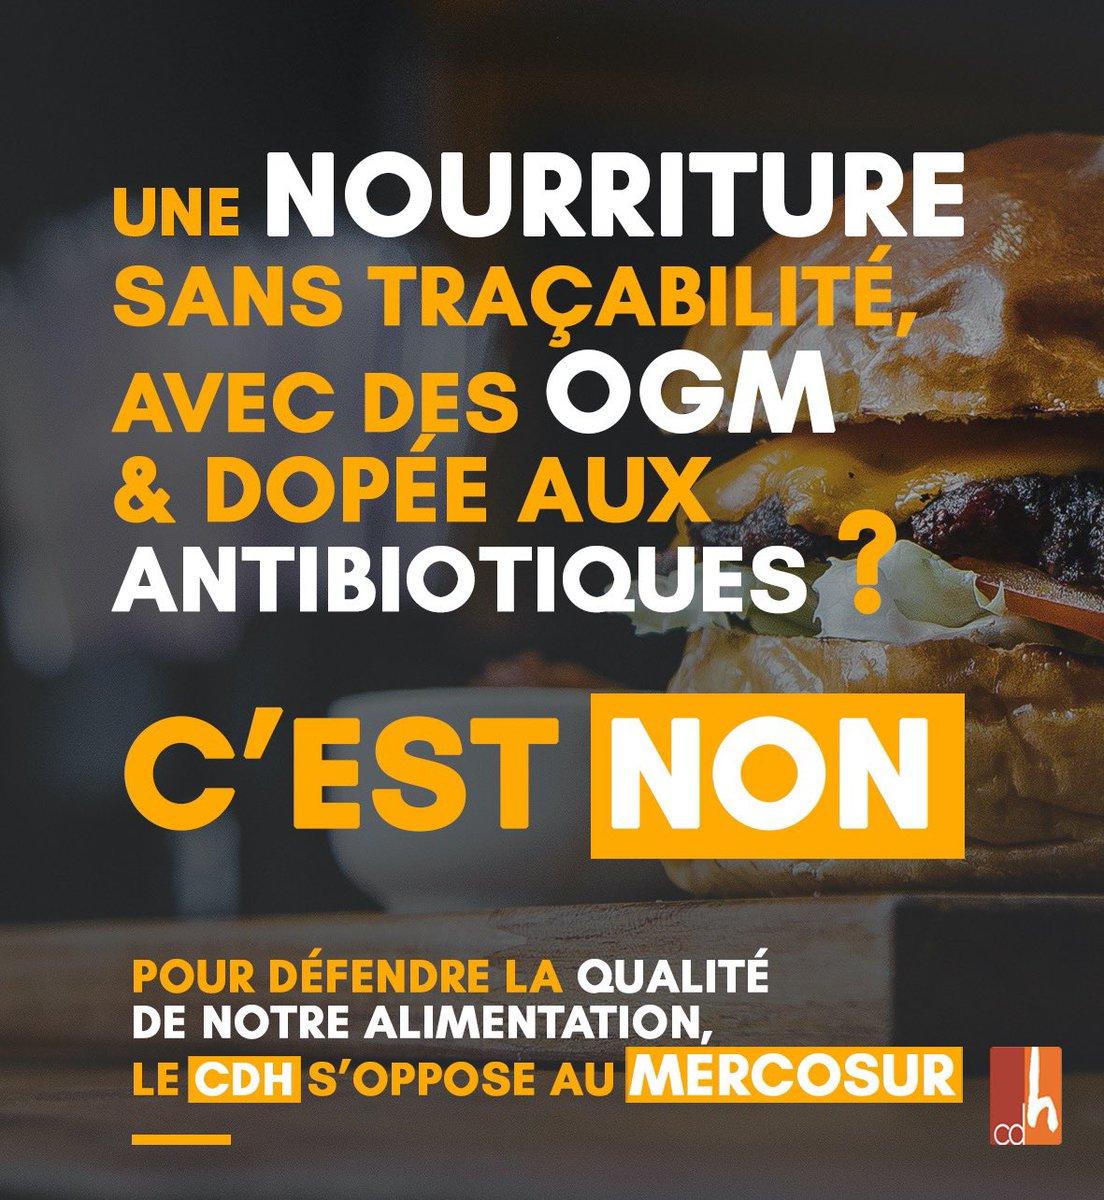 #STOPMERCOSUR Pour le @lecdh : c'est : ❌ NON pour notre assiette (manque de traçabilité avec OGM, antibiotiques...) ❌ NON pour nos agriculteurs (concurrence déloyale...) ❌ NON pour notre climat (cargos polluants, déforestation amazonienne...) @fugea @FWAgriculture https://t.co/wb3NXooHsw